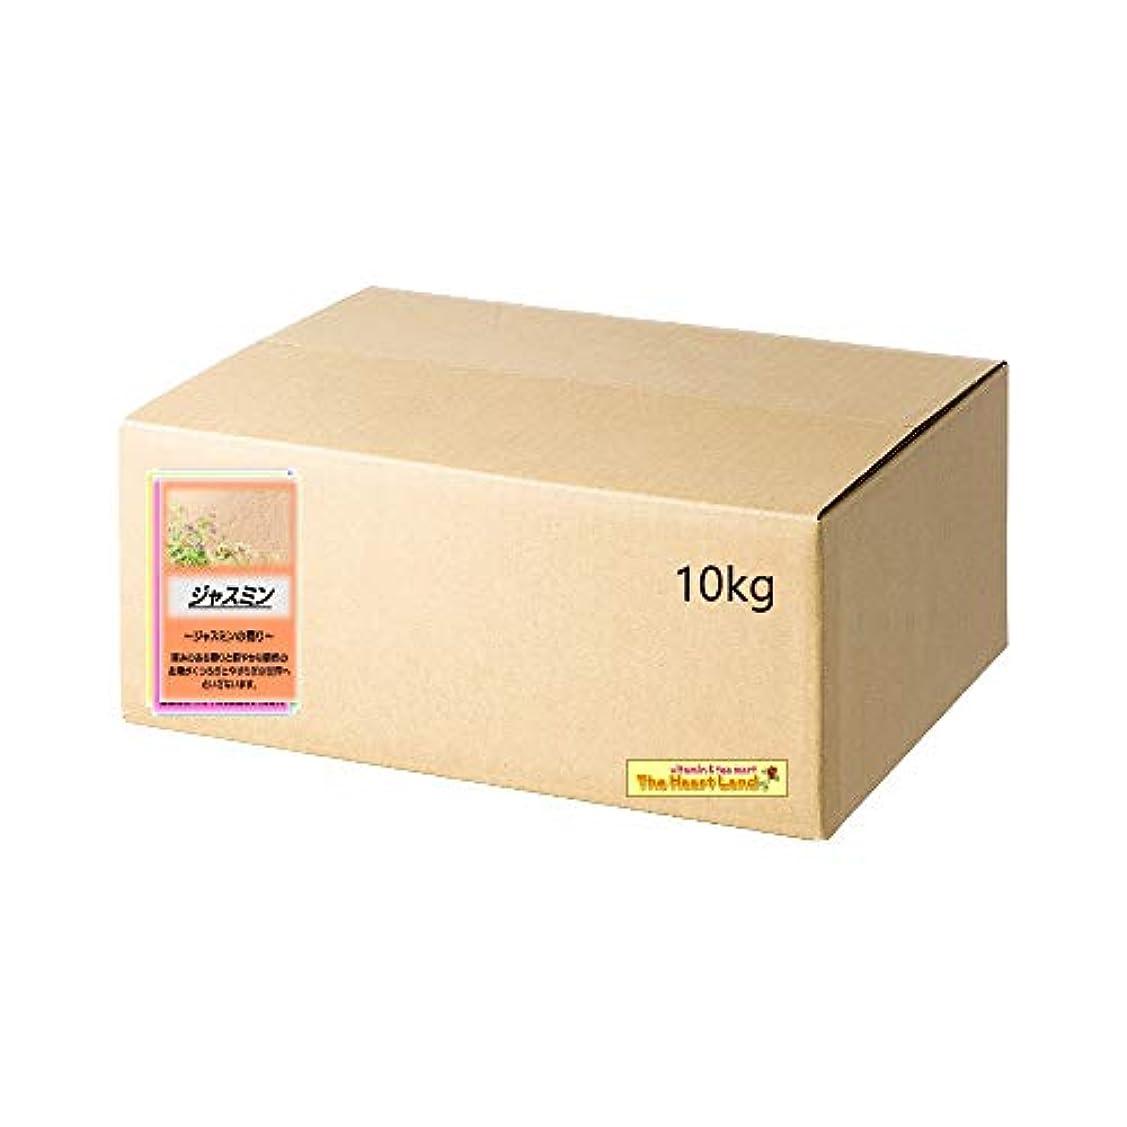 冗談で保護シートアサヒ入浴剤 浴用入浴化粧品 ジャスミン 10kg